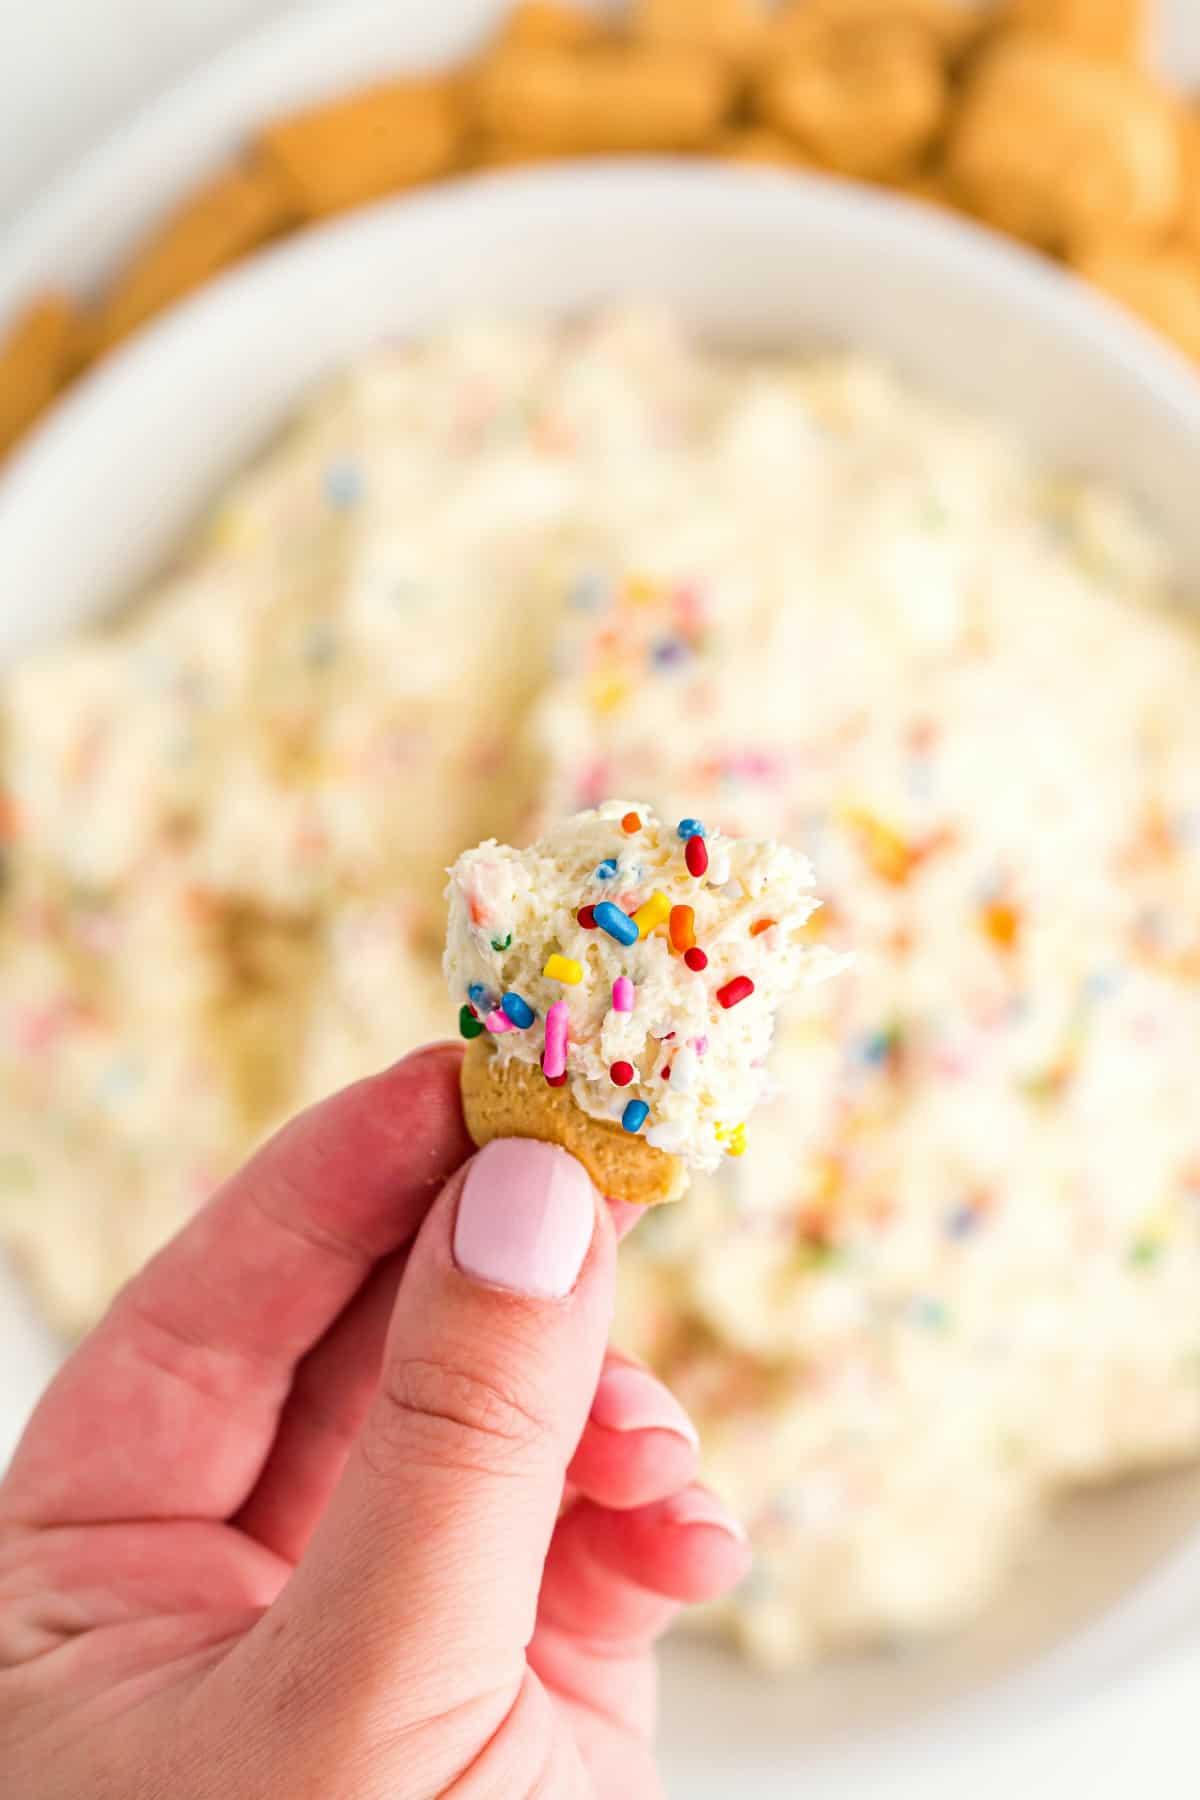 Animal cracker dunked in funfetti cake batter dip.